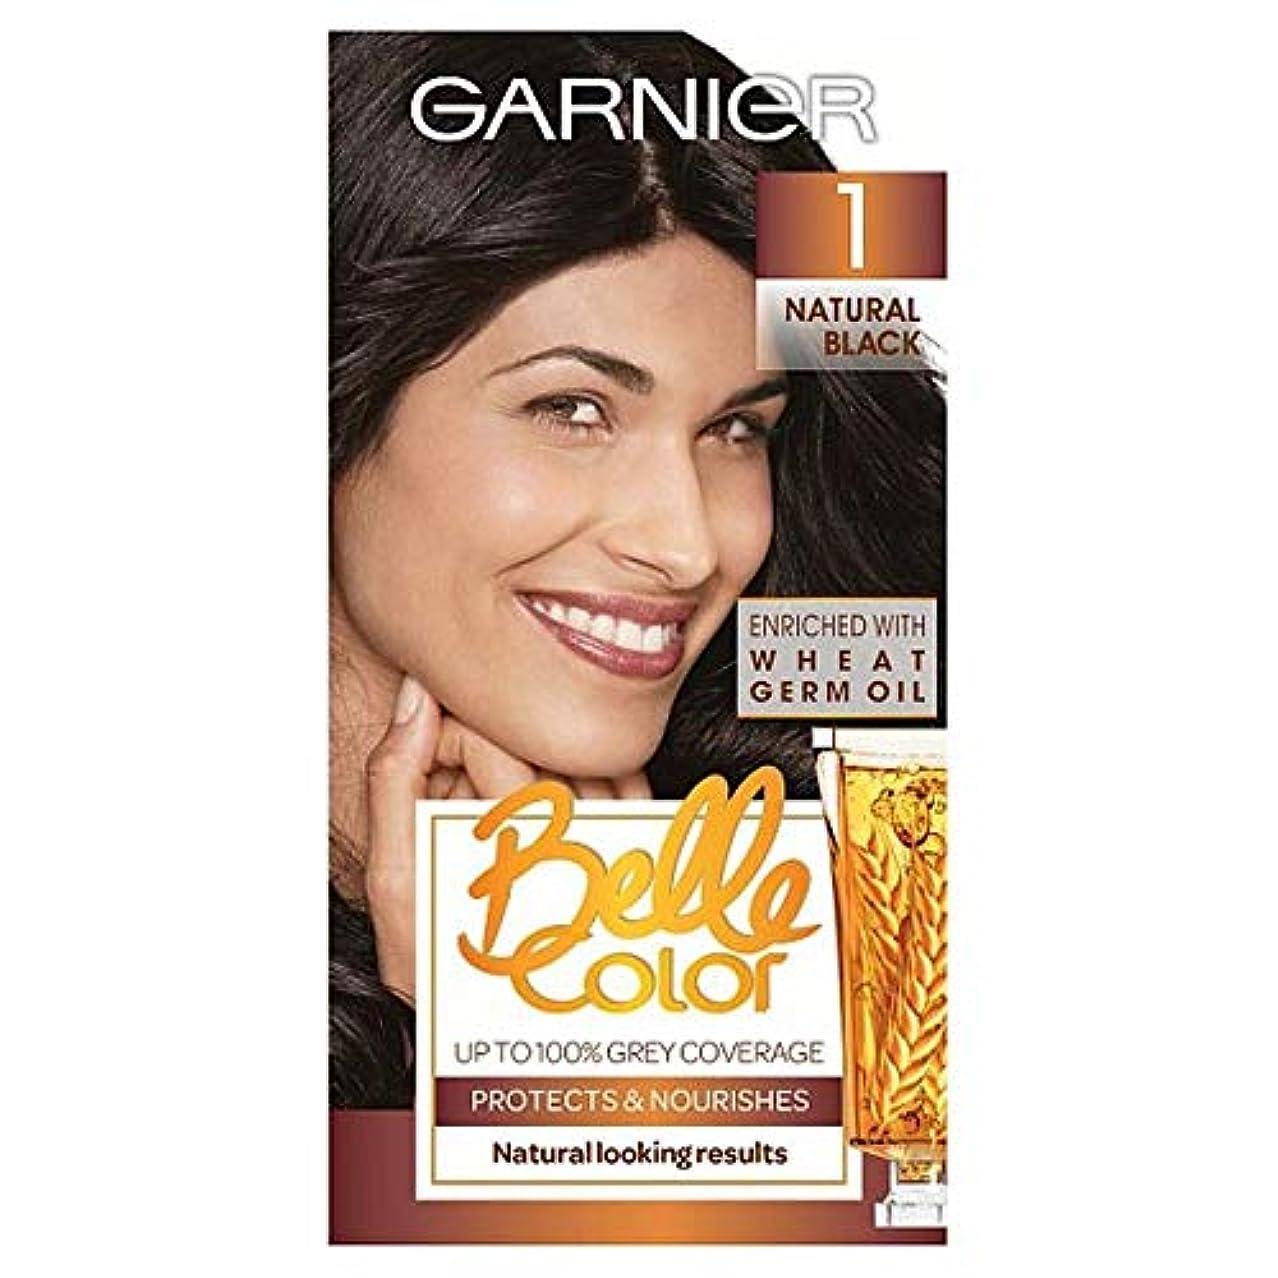 新聞常にポーズ[Belle Color ] ガーン/ベル/Clr 1黒のパーマネントヘアダイ - Garn/Bel/Clr 1 Black Permanent Hair Dye [並行輸入品]